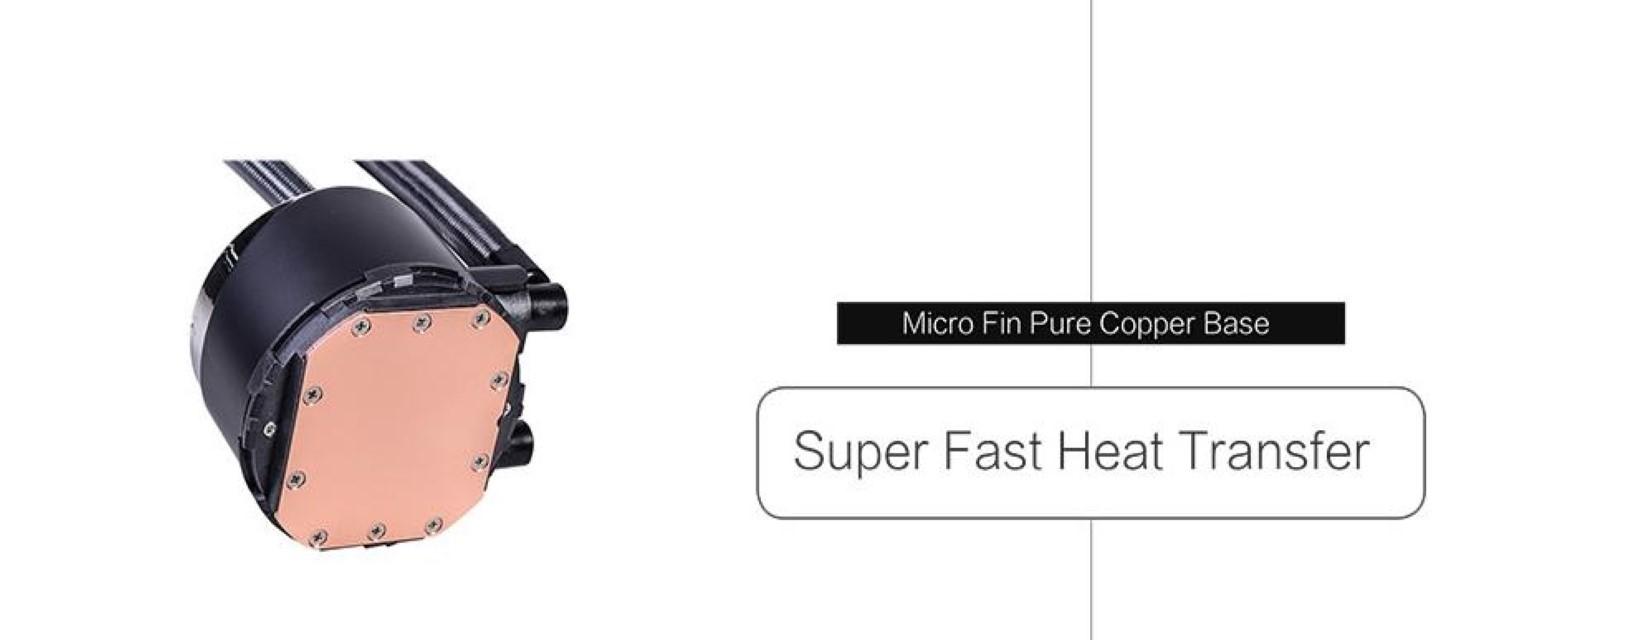 Tản Nhiệt Nước ID-COOLING ZOOMFLOW 360X ARGB có khả năng giải nhiệt siêu nhanh